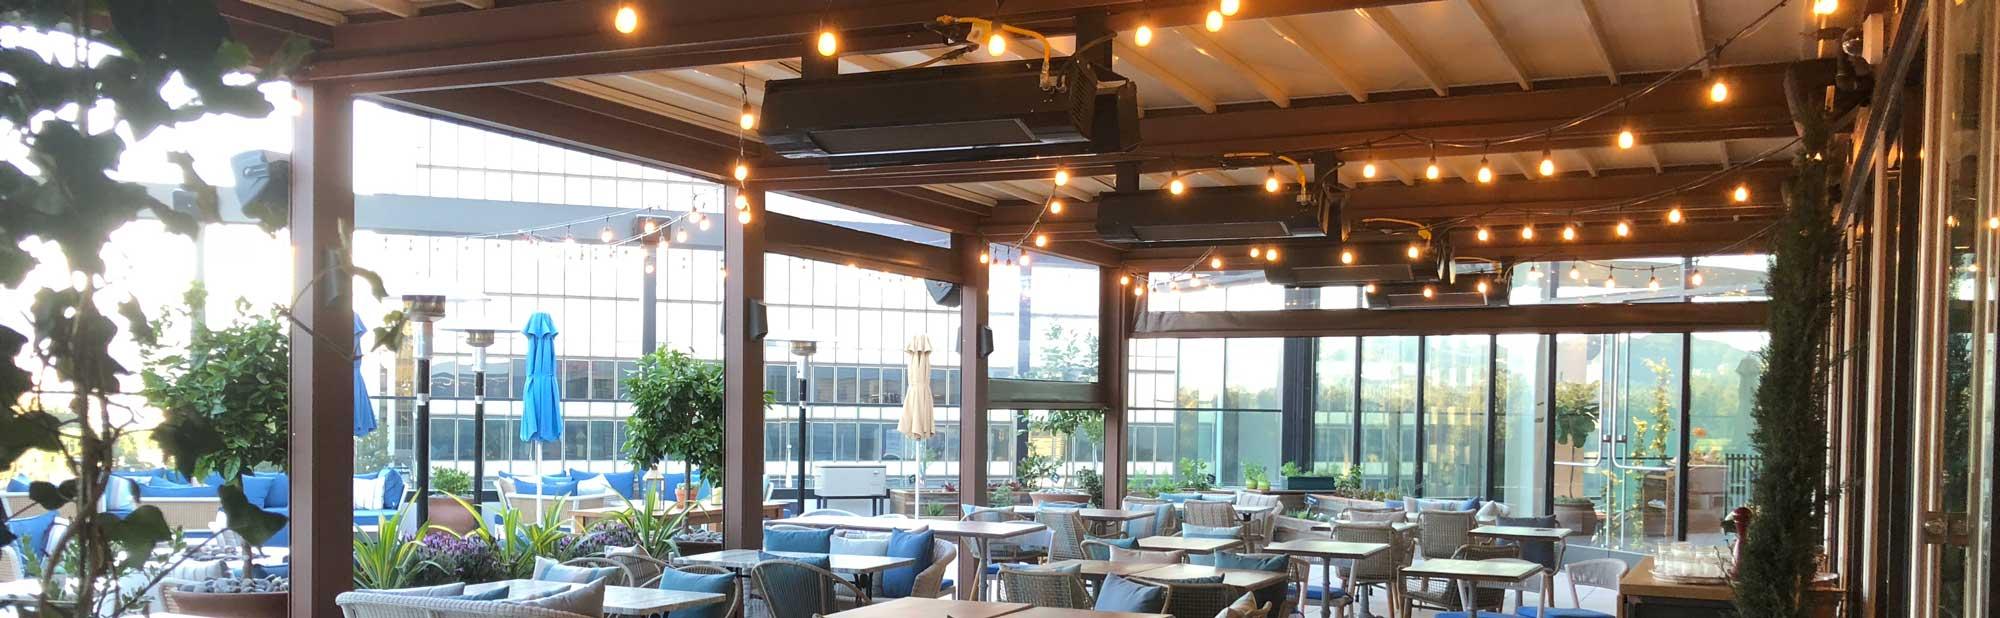 nomo-fabric-roof-on-restaurant-extended.jpg